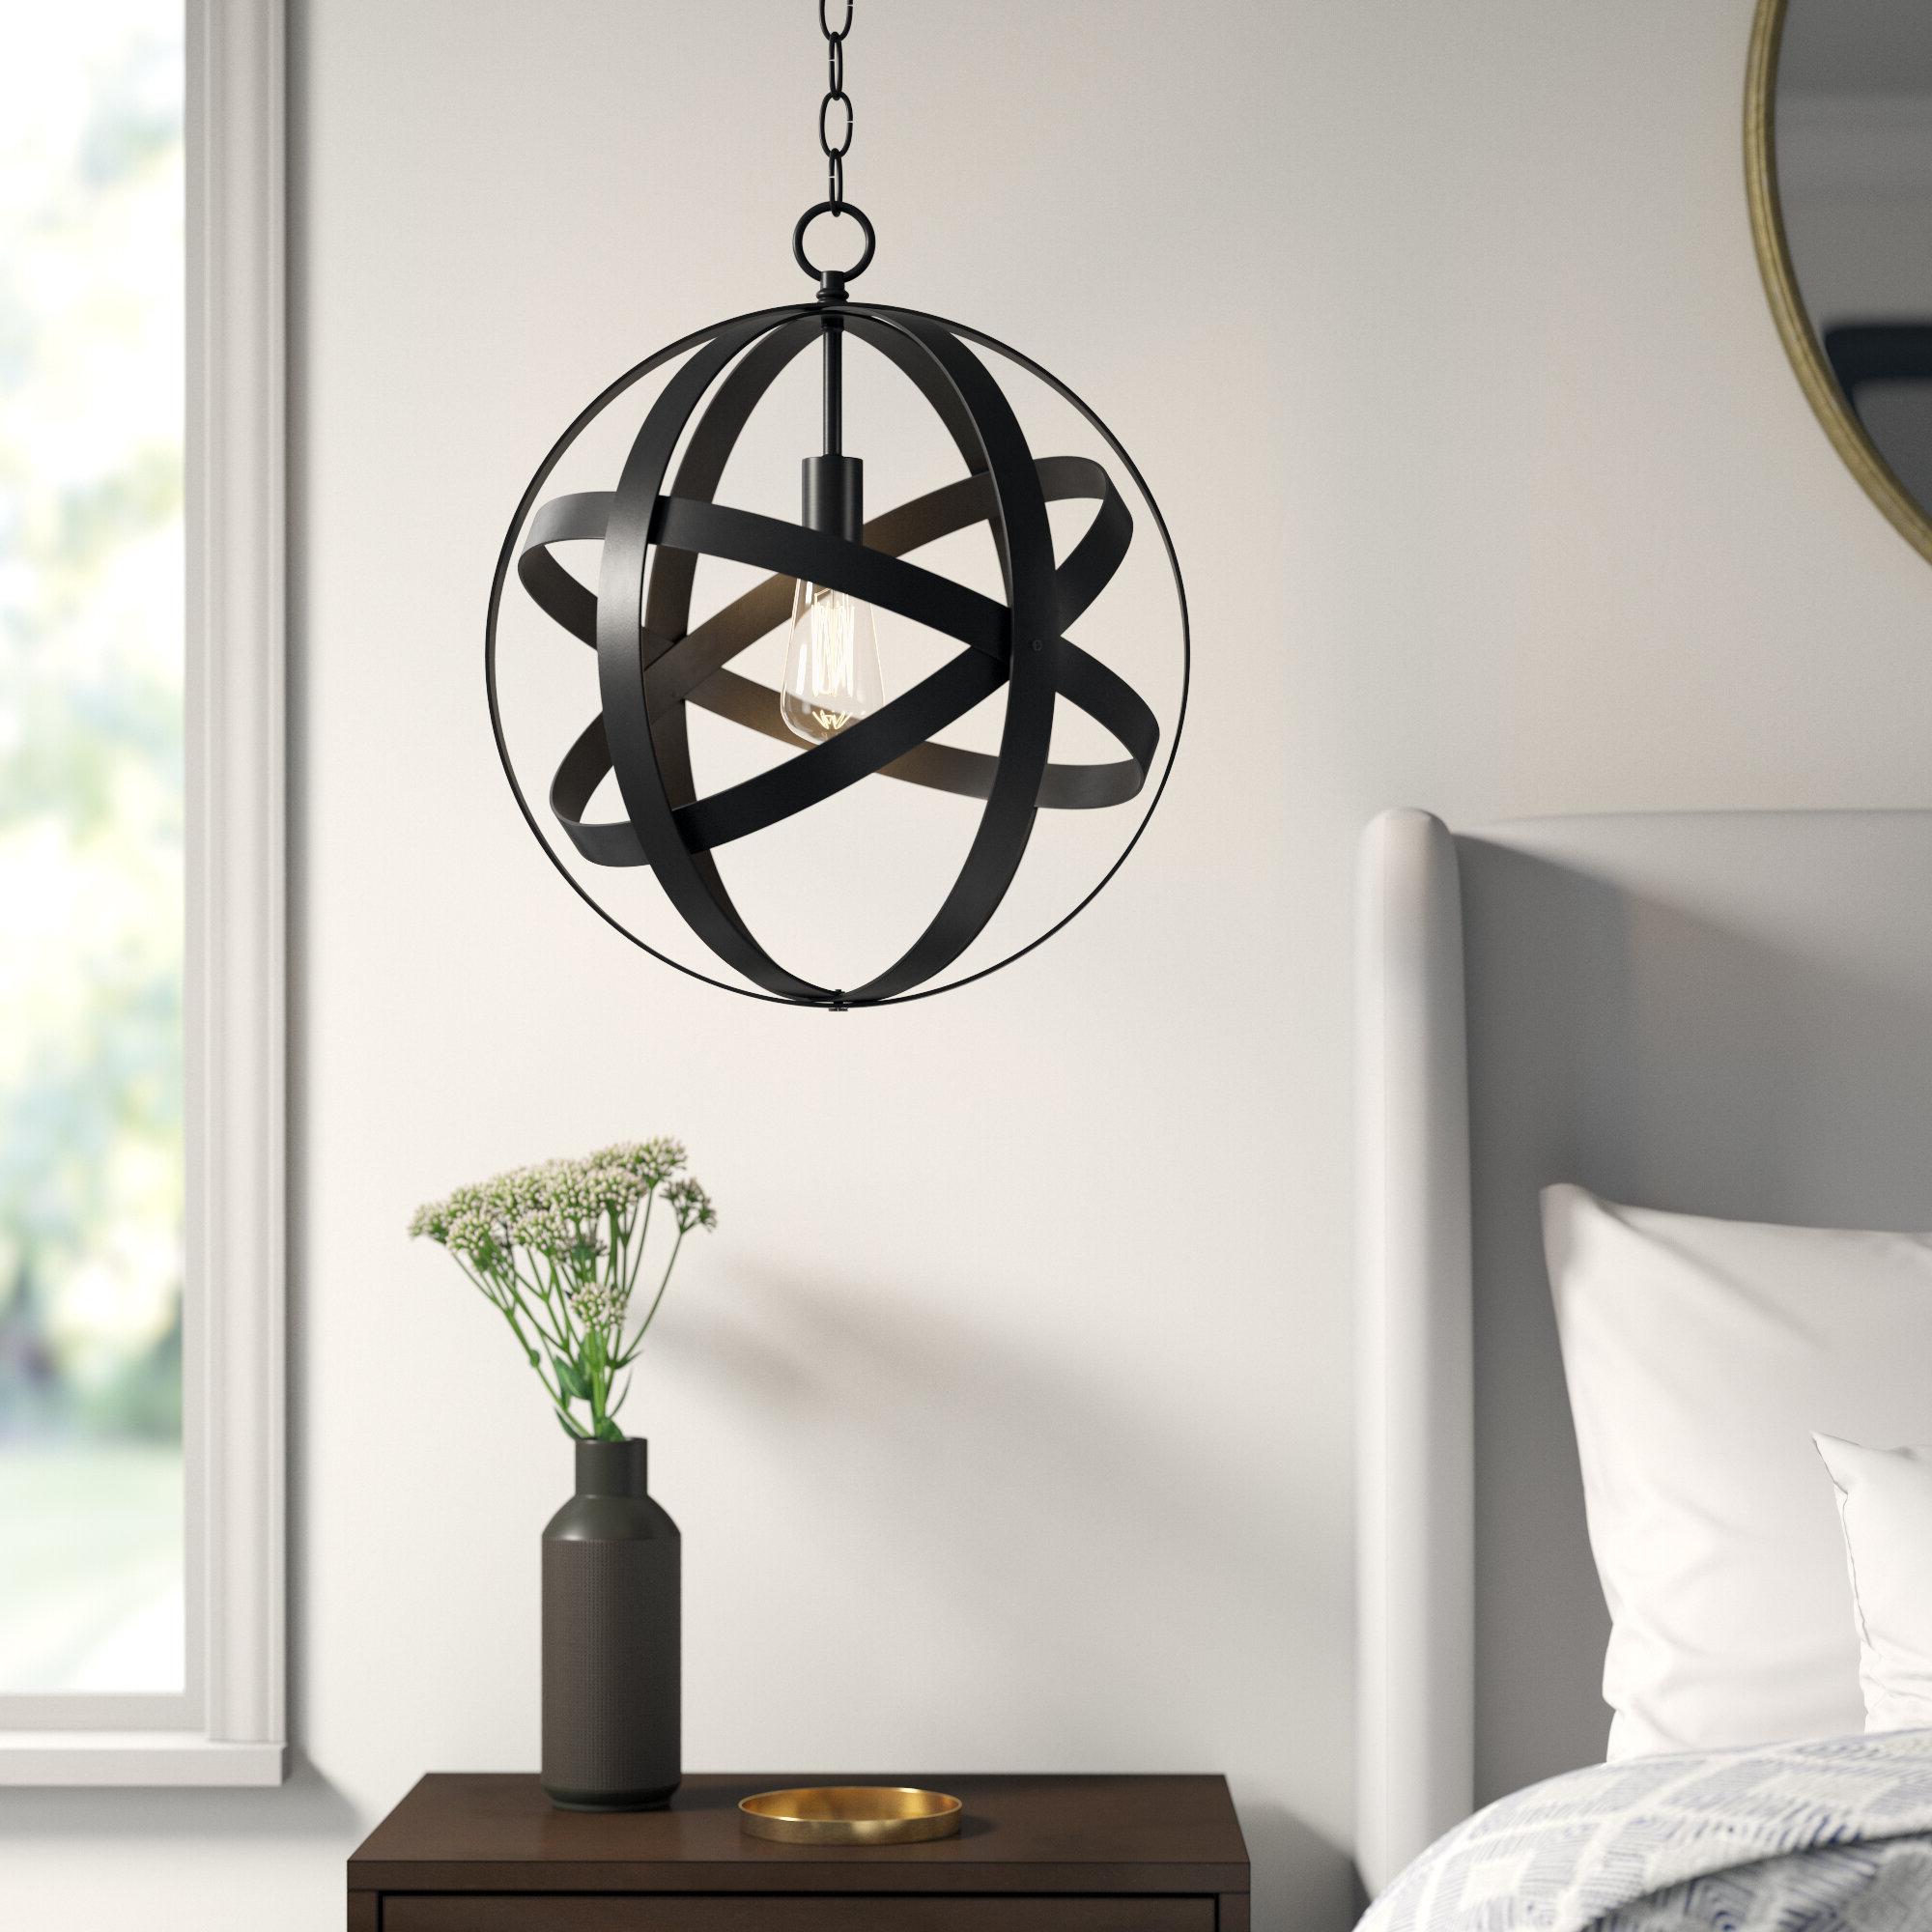 Ealey 1-Light Globe Pendant intended for 2019 Irwin 1-Light Single Globe Pendants